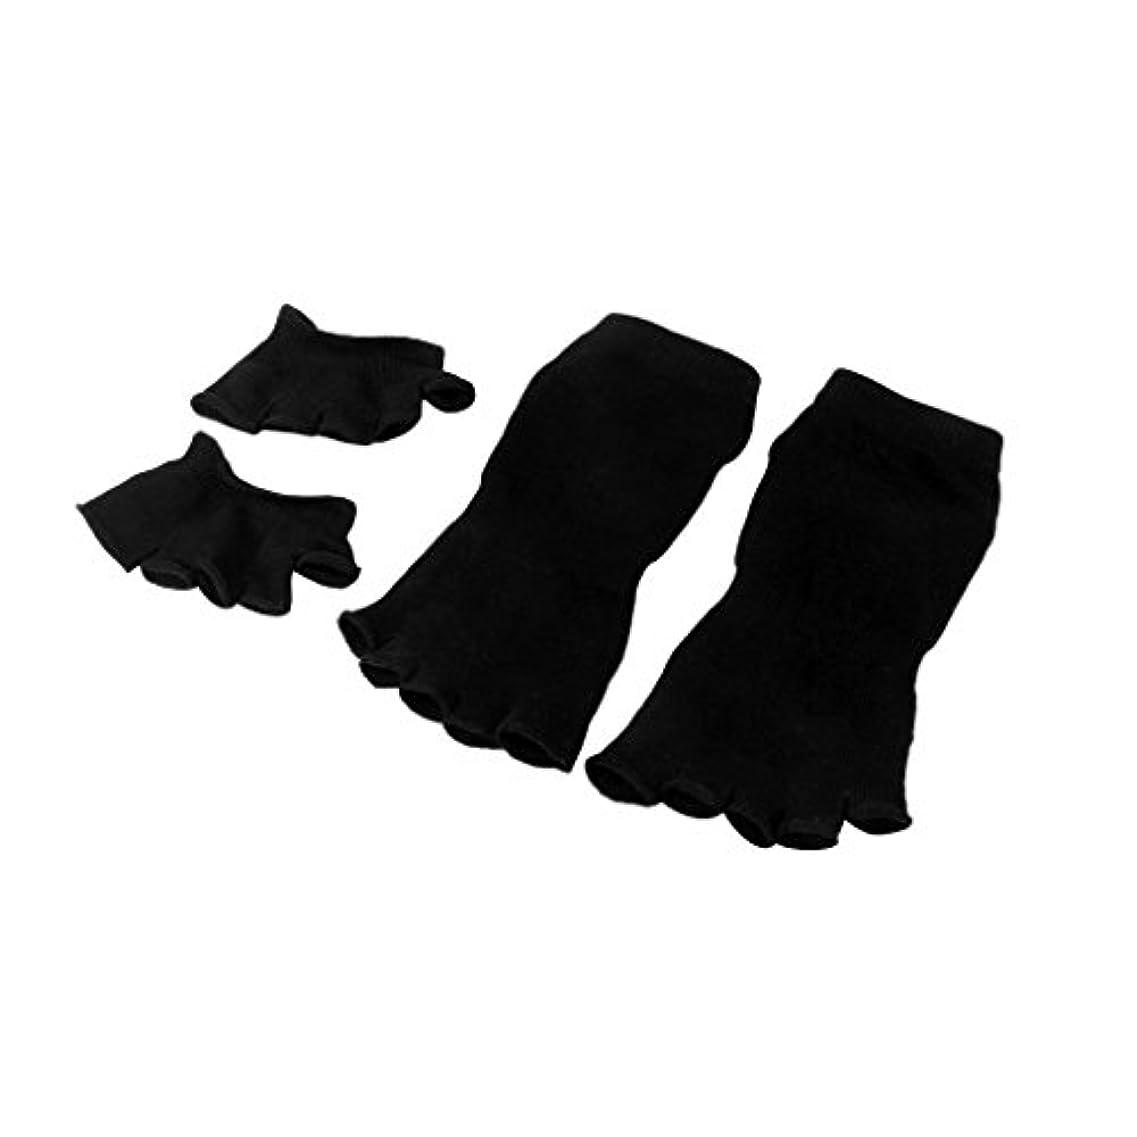 シンプルさ厳しい傾向【Footful】ソックス 靴下 5本指つま先ソックス+爽快指の間カバー 4枚組 黒